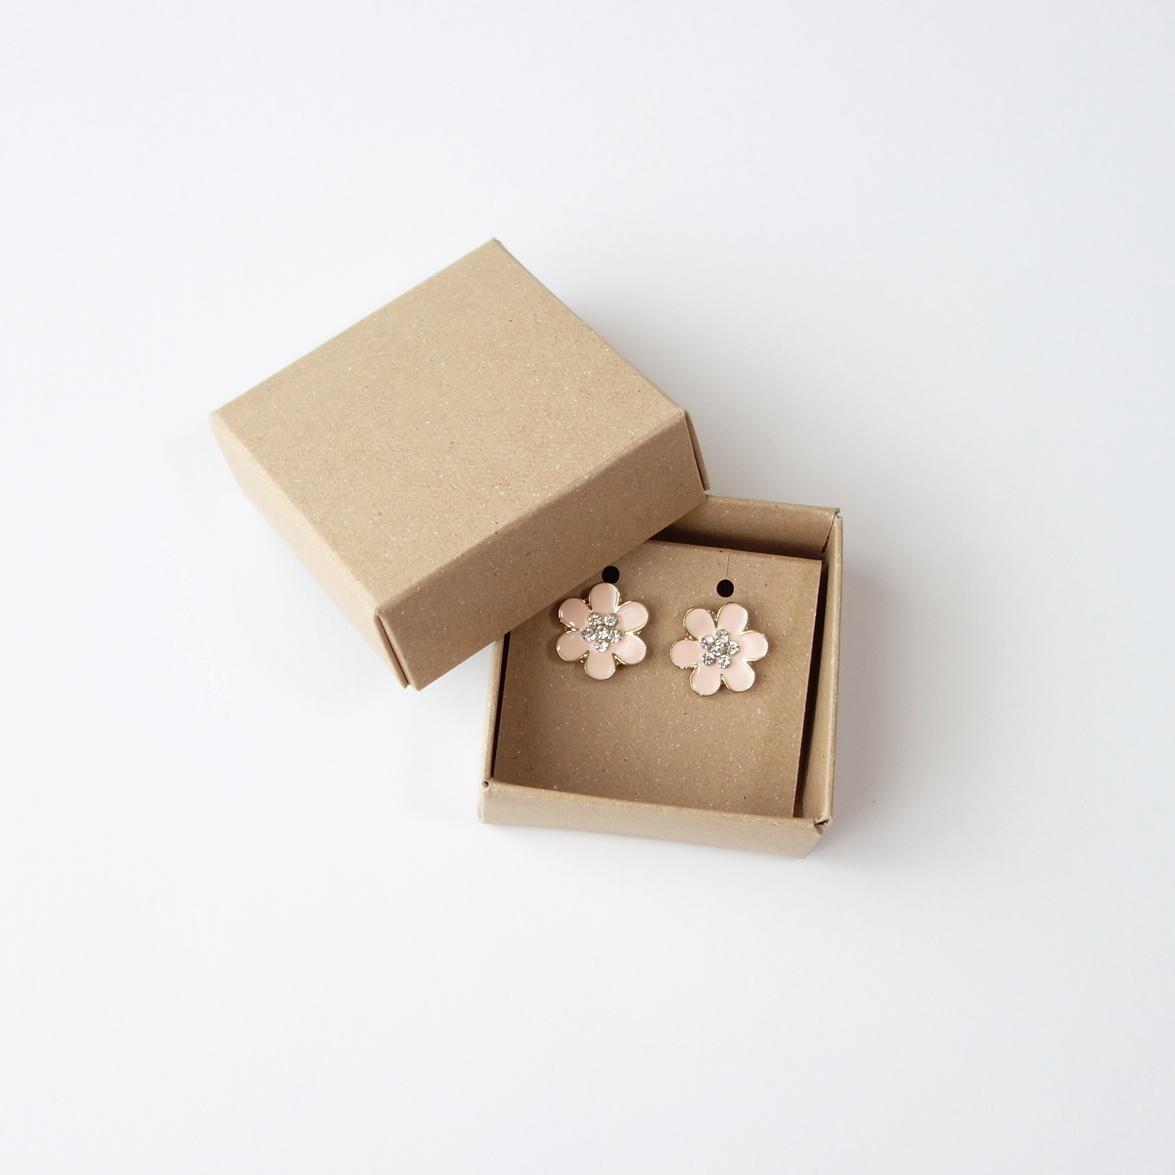 フタと身箱 10個セット アクセサリー用台紙付き クラフト